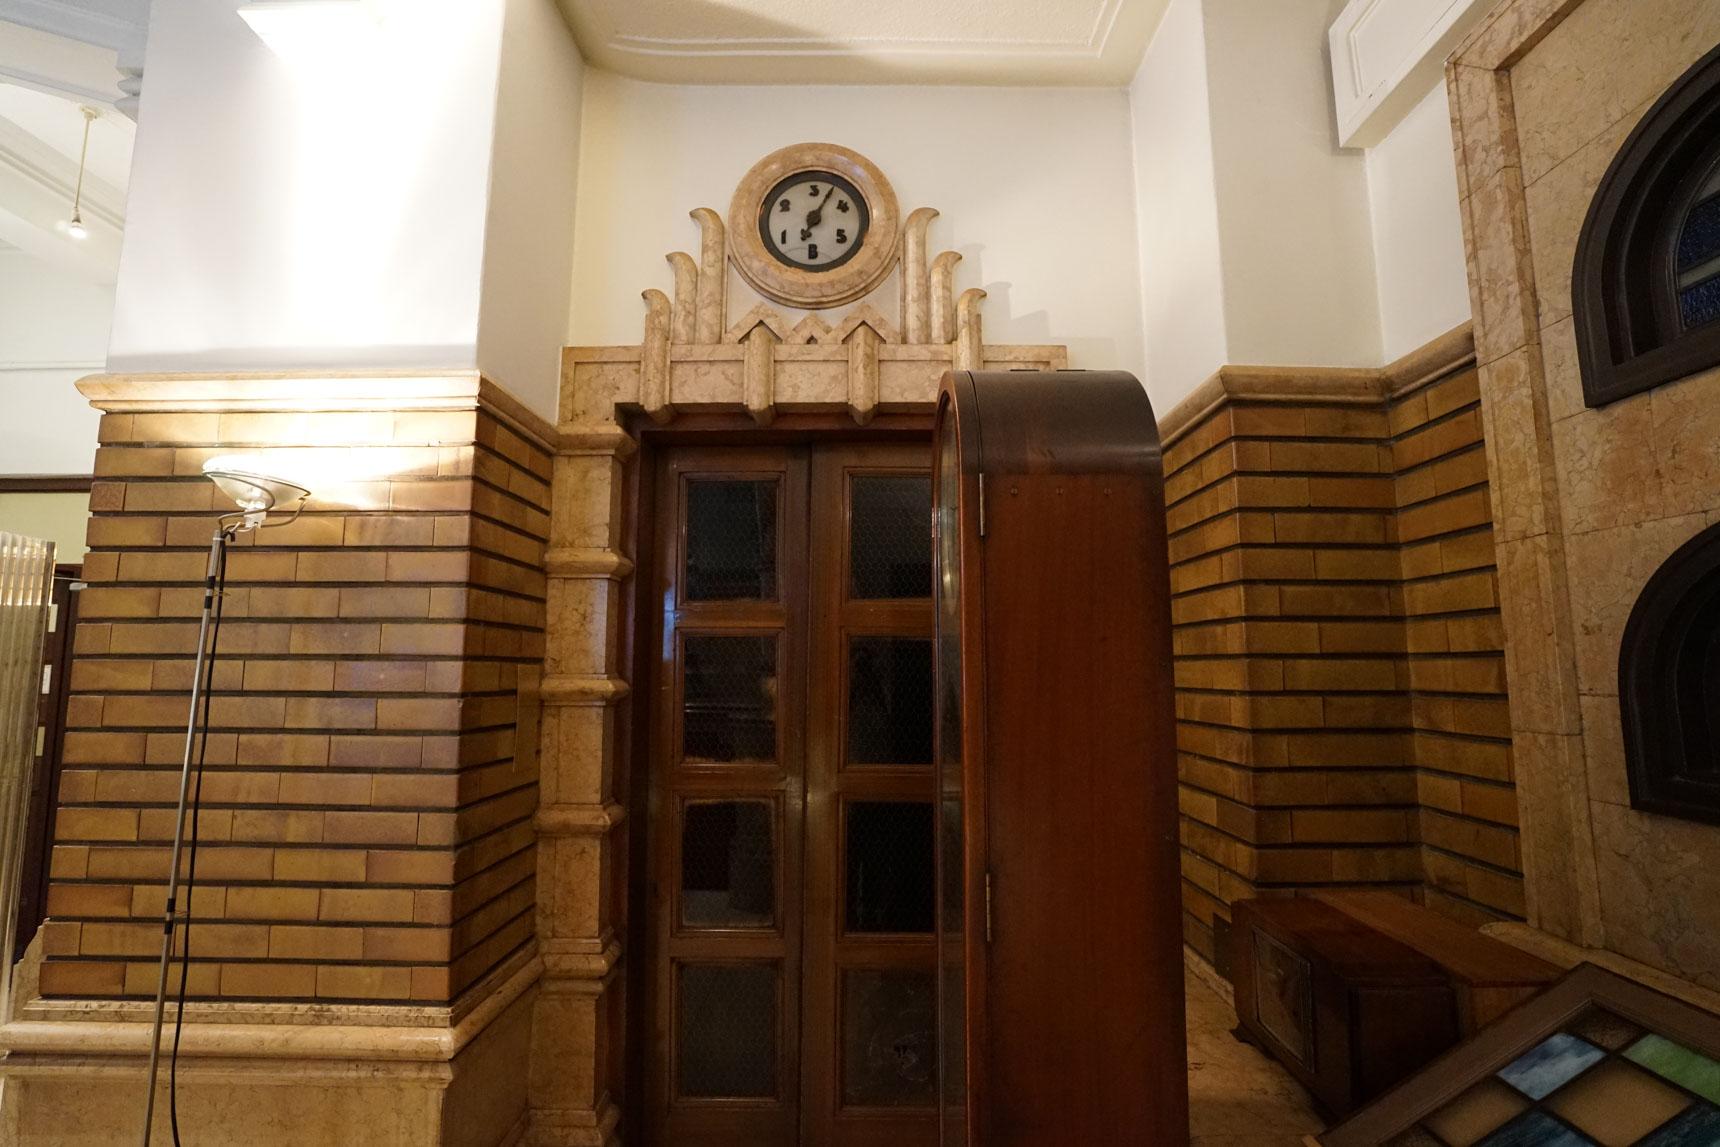 当時のものが保存されているエレベーター。階数表示のホールクロックが見事です。